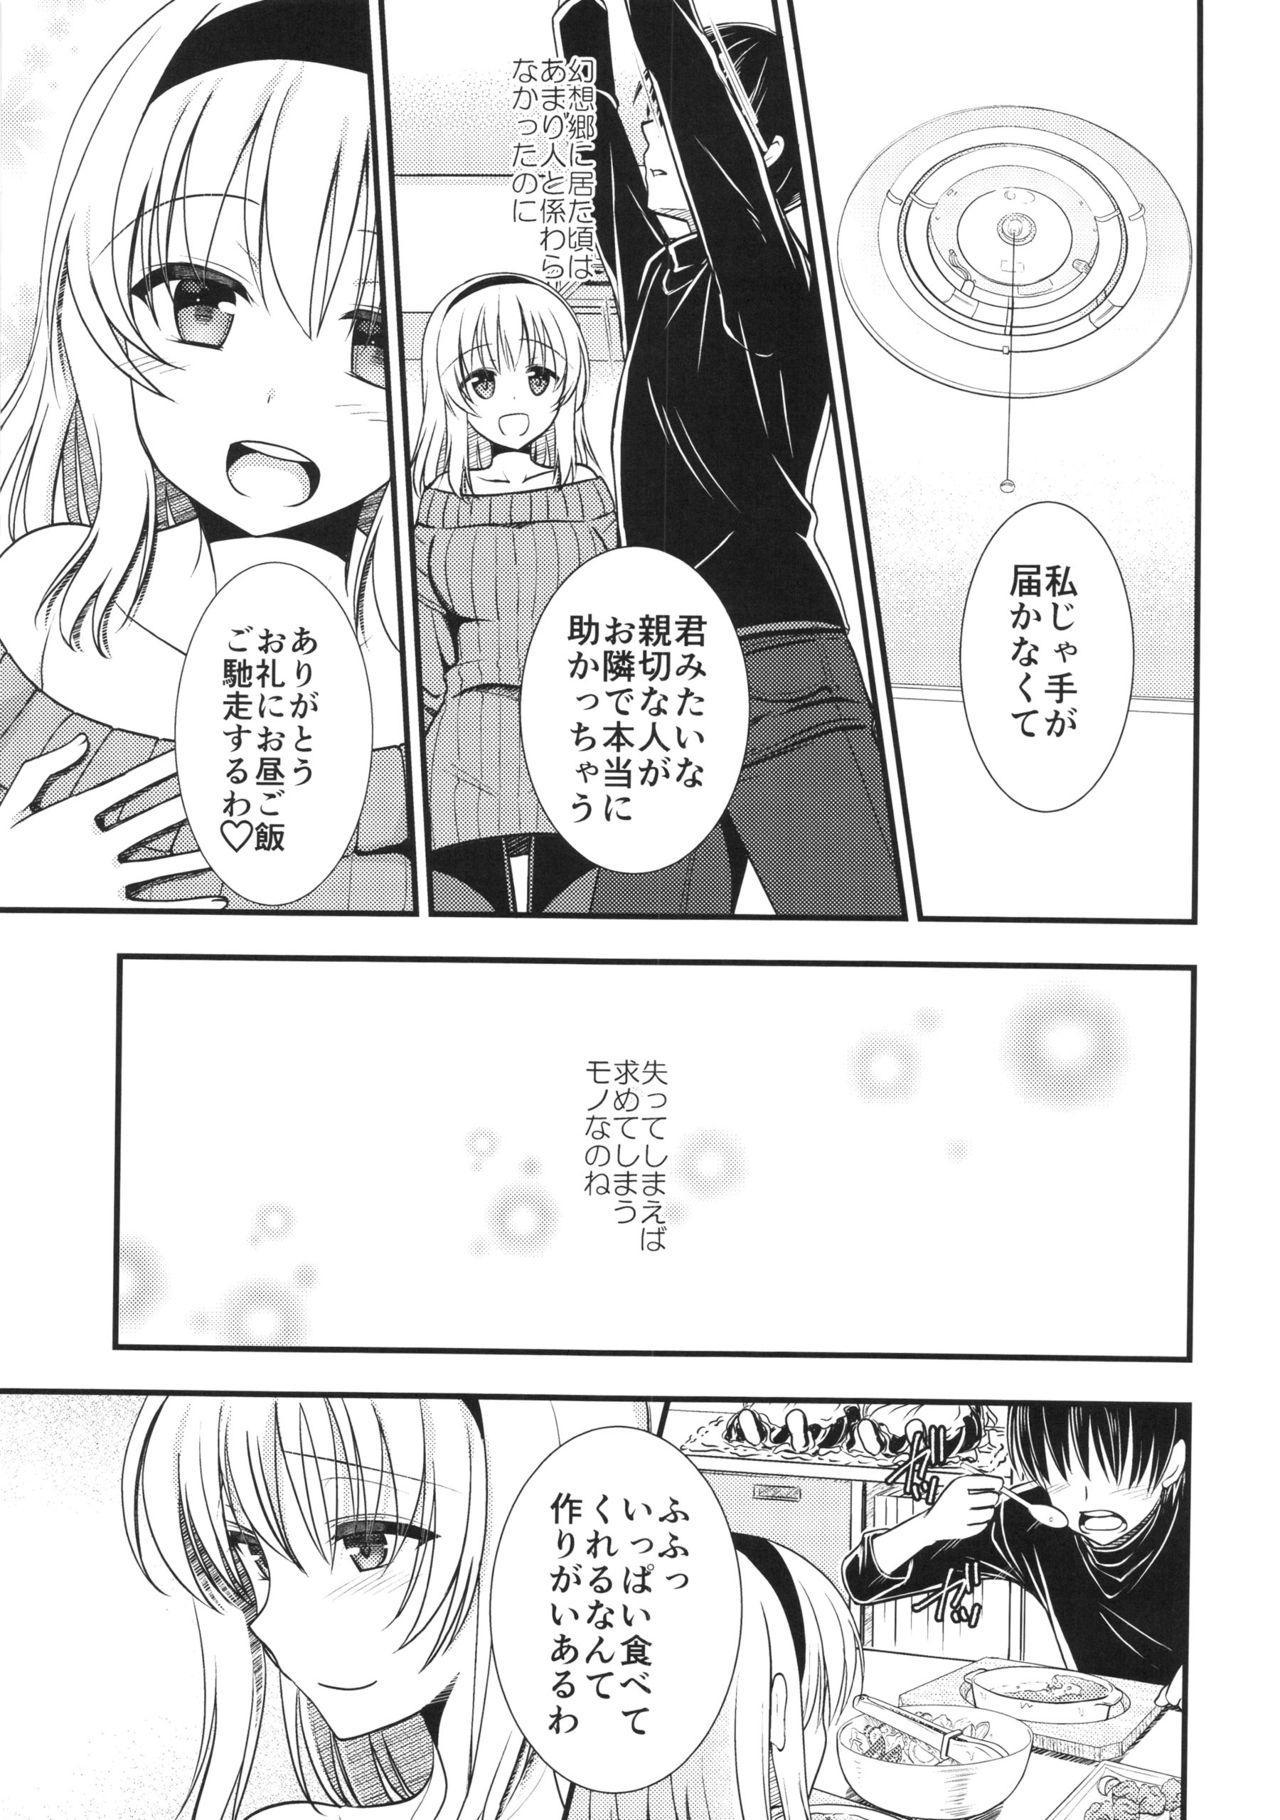 Tonari no Alice-san Fuyu 4